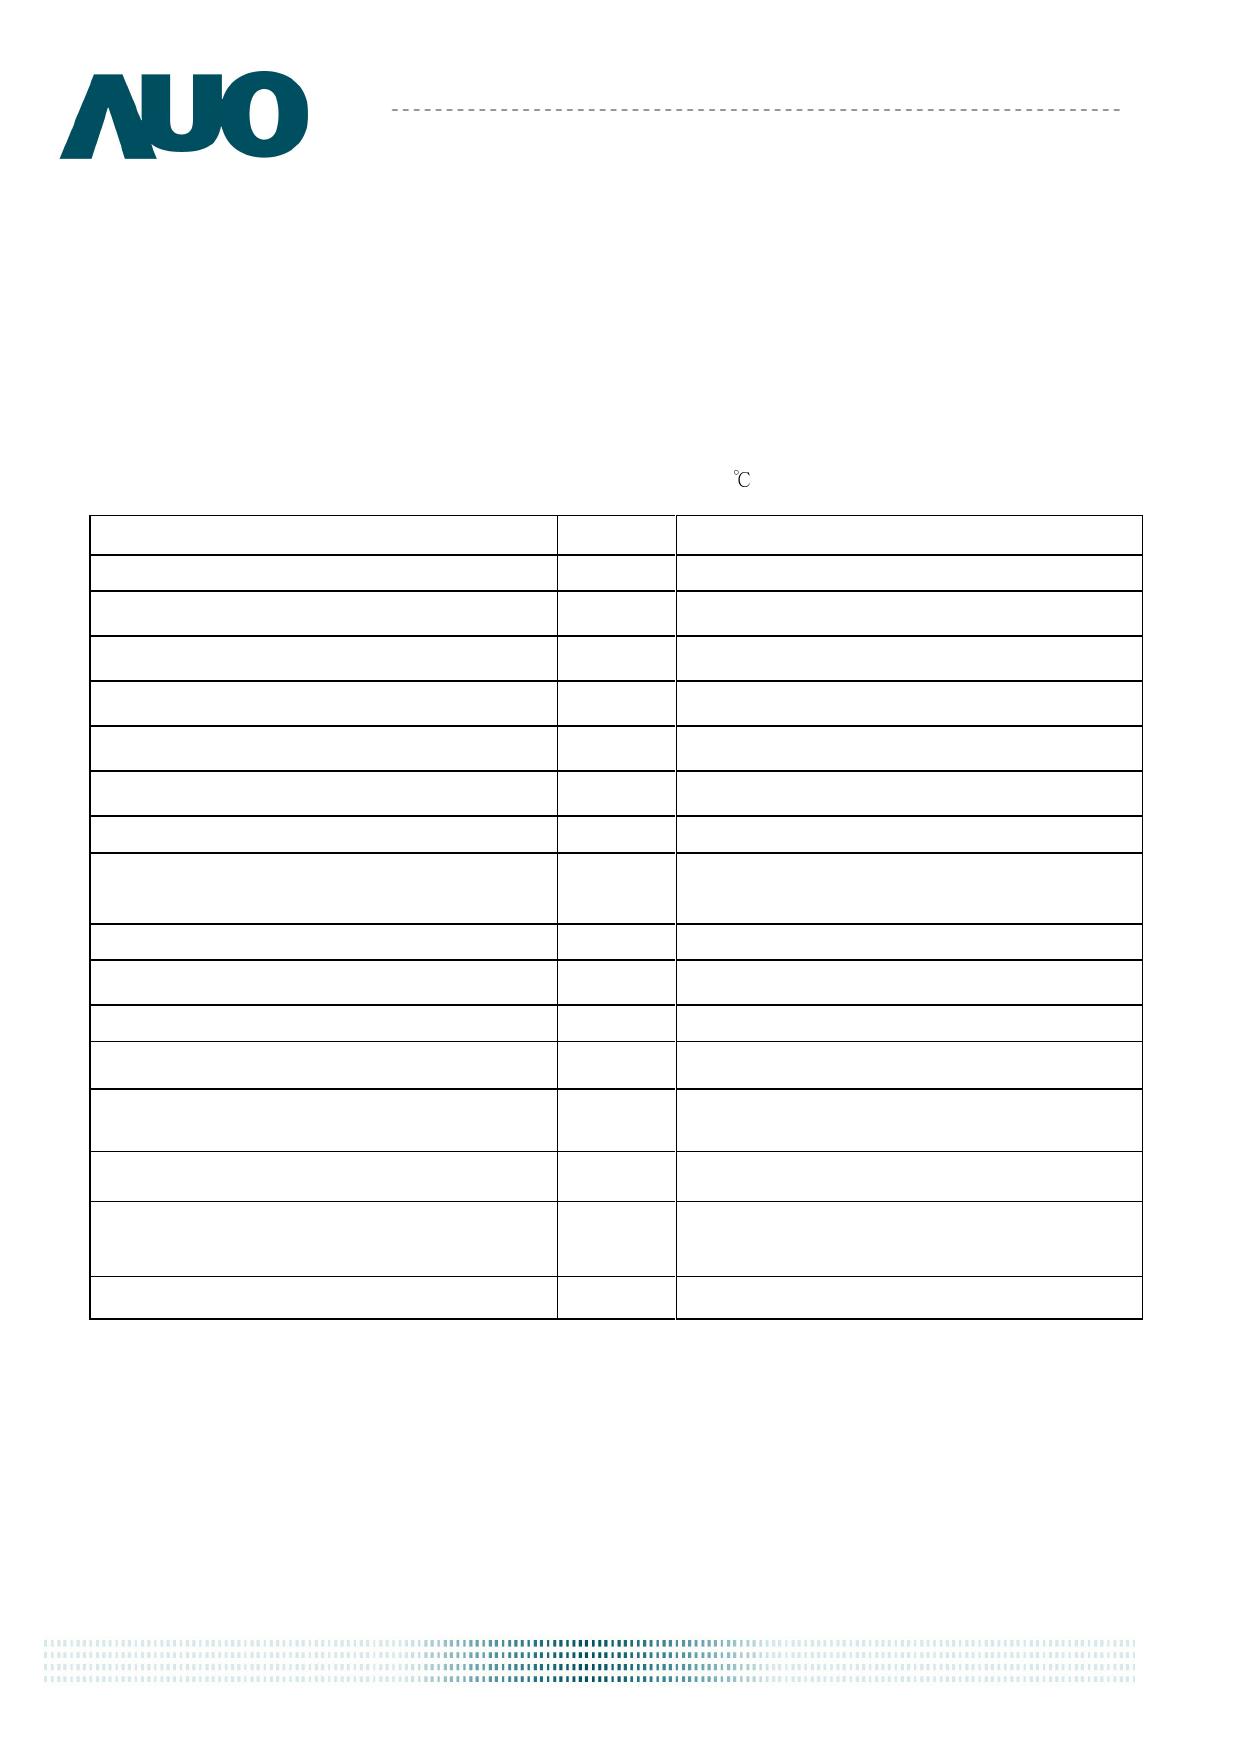 G065VN01_V2 pdf